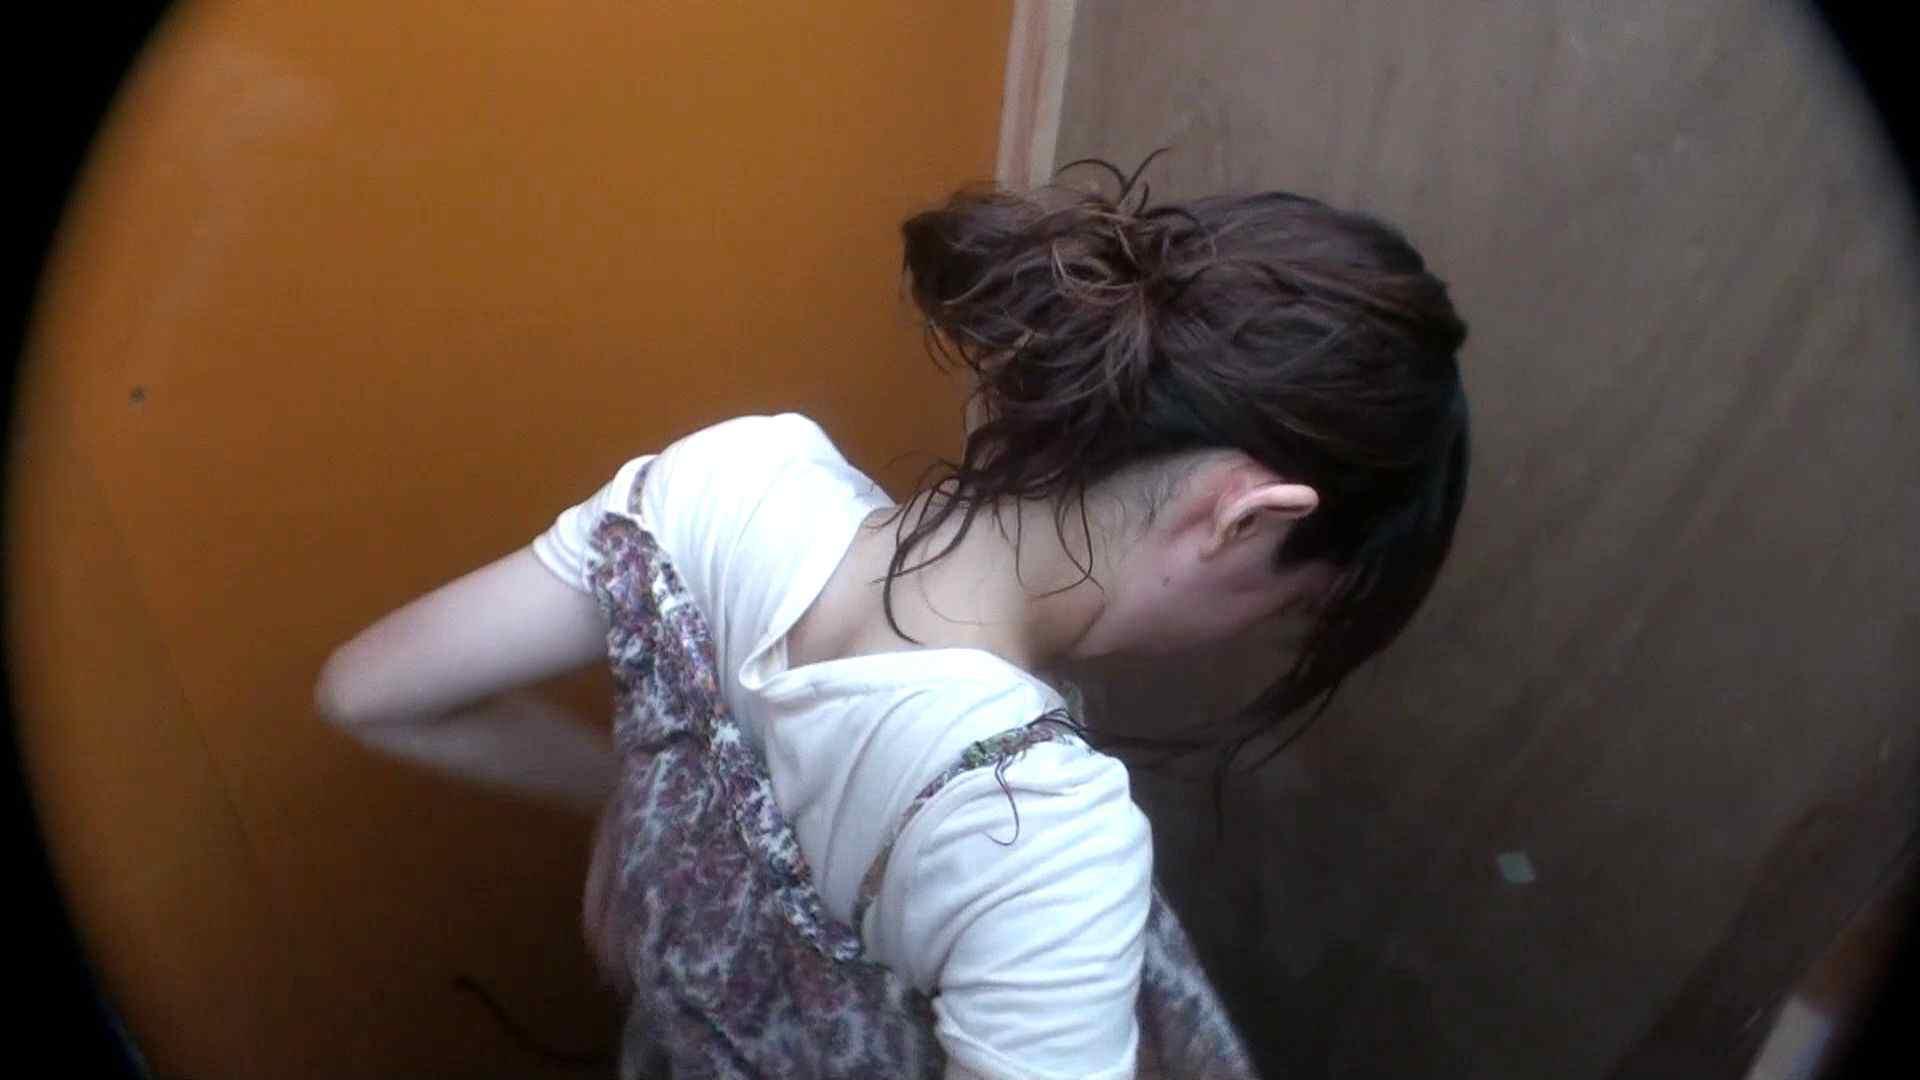 シャワールームは超!!危険な香りVol.29 こっちを向いて欲しい貧乳姉さん 美しいOLの裸体 SEX無修正画像 78pic 18